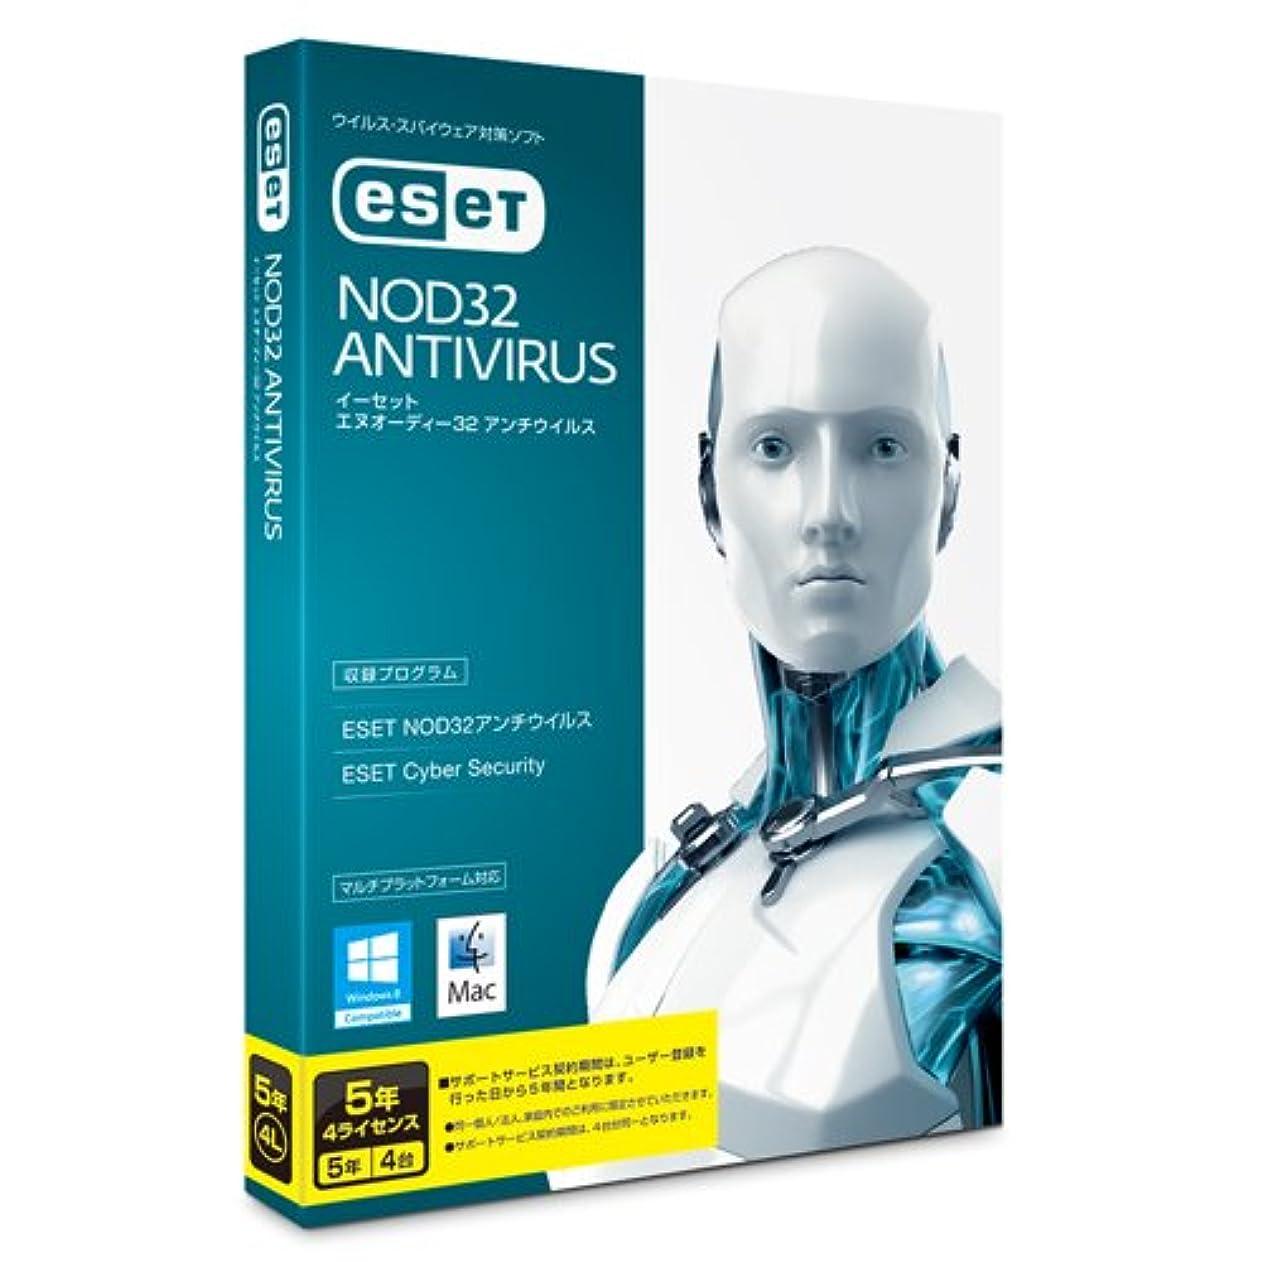 米ドル見物人コンクリート【旧商品】ESET NOD32アンチウイルス 4台5年版 Windows?Mac対応